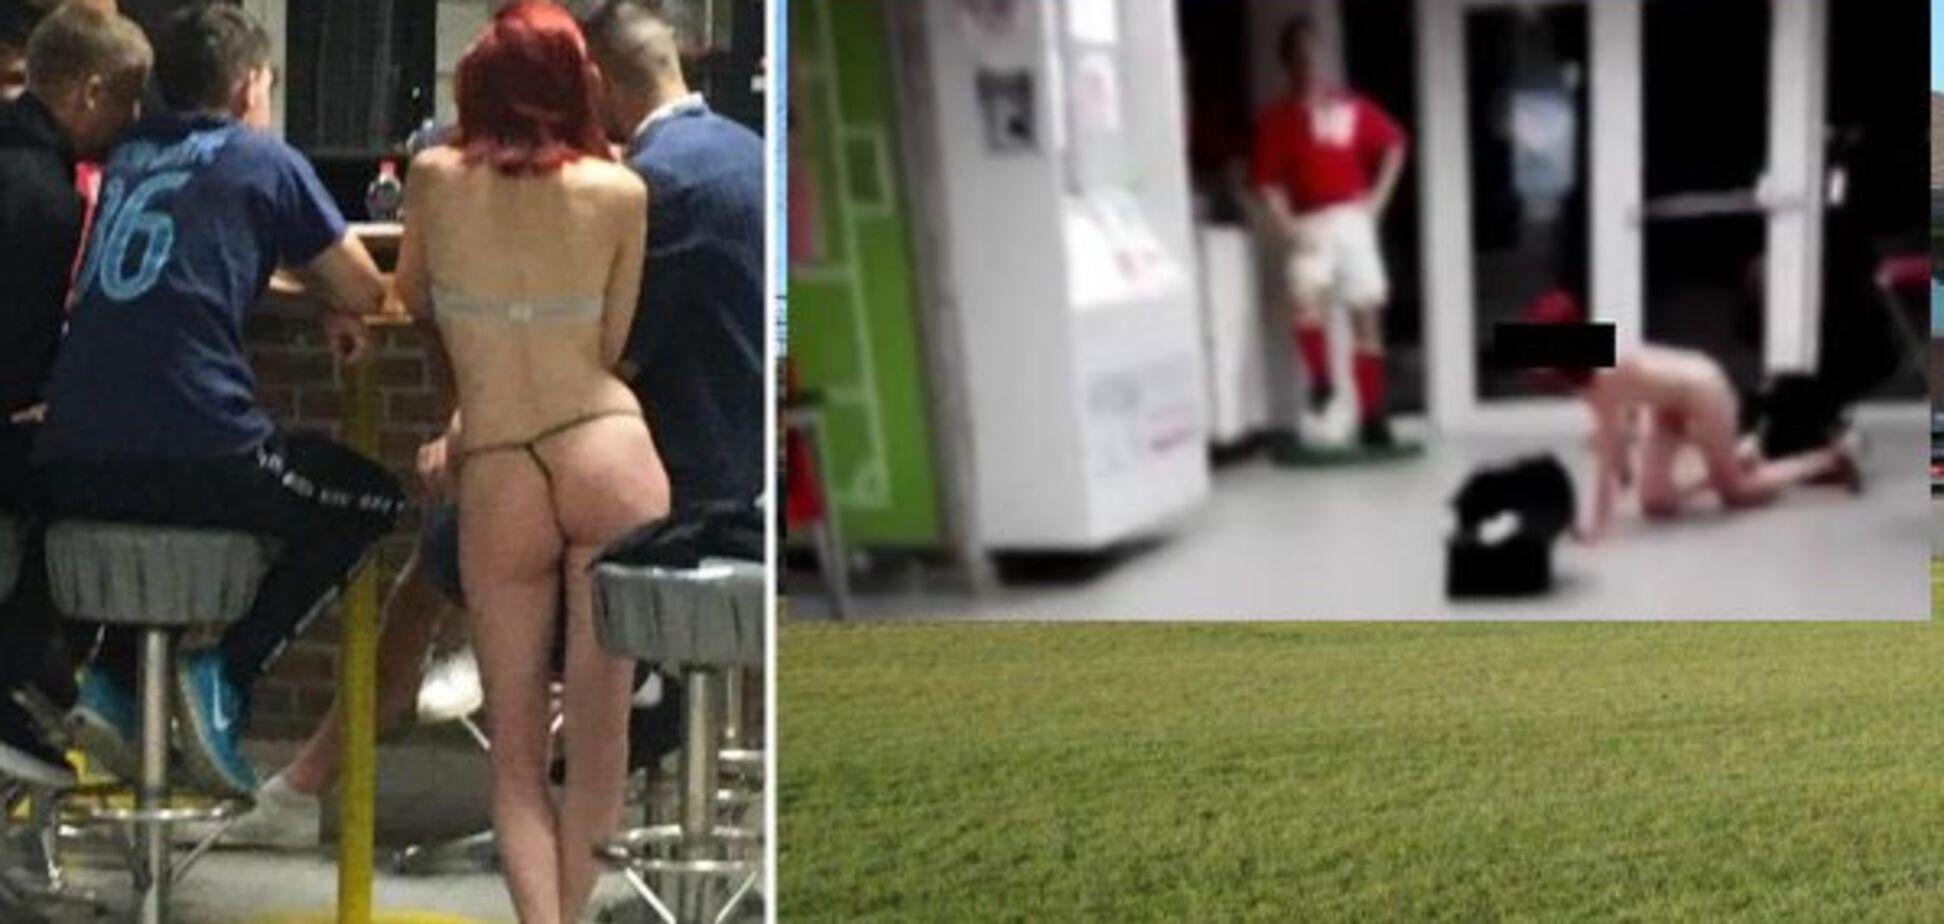 Футболіст згвалтував дівчину в їдальні - опубліковані фото